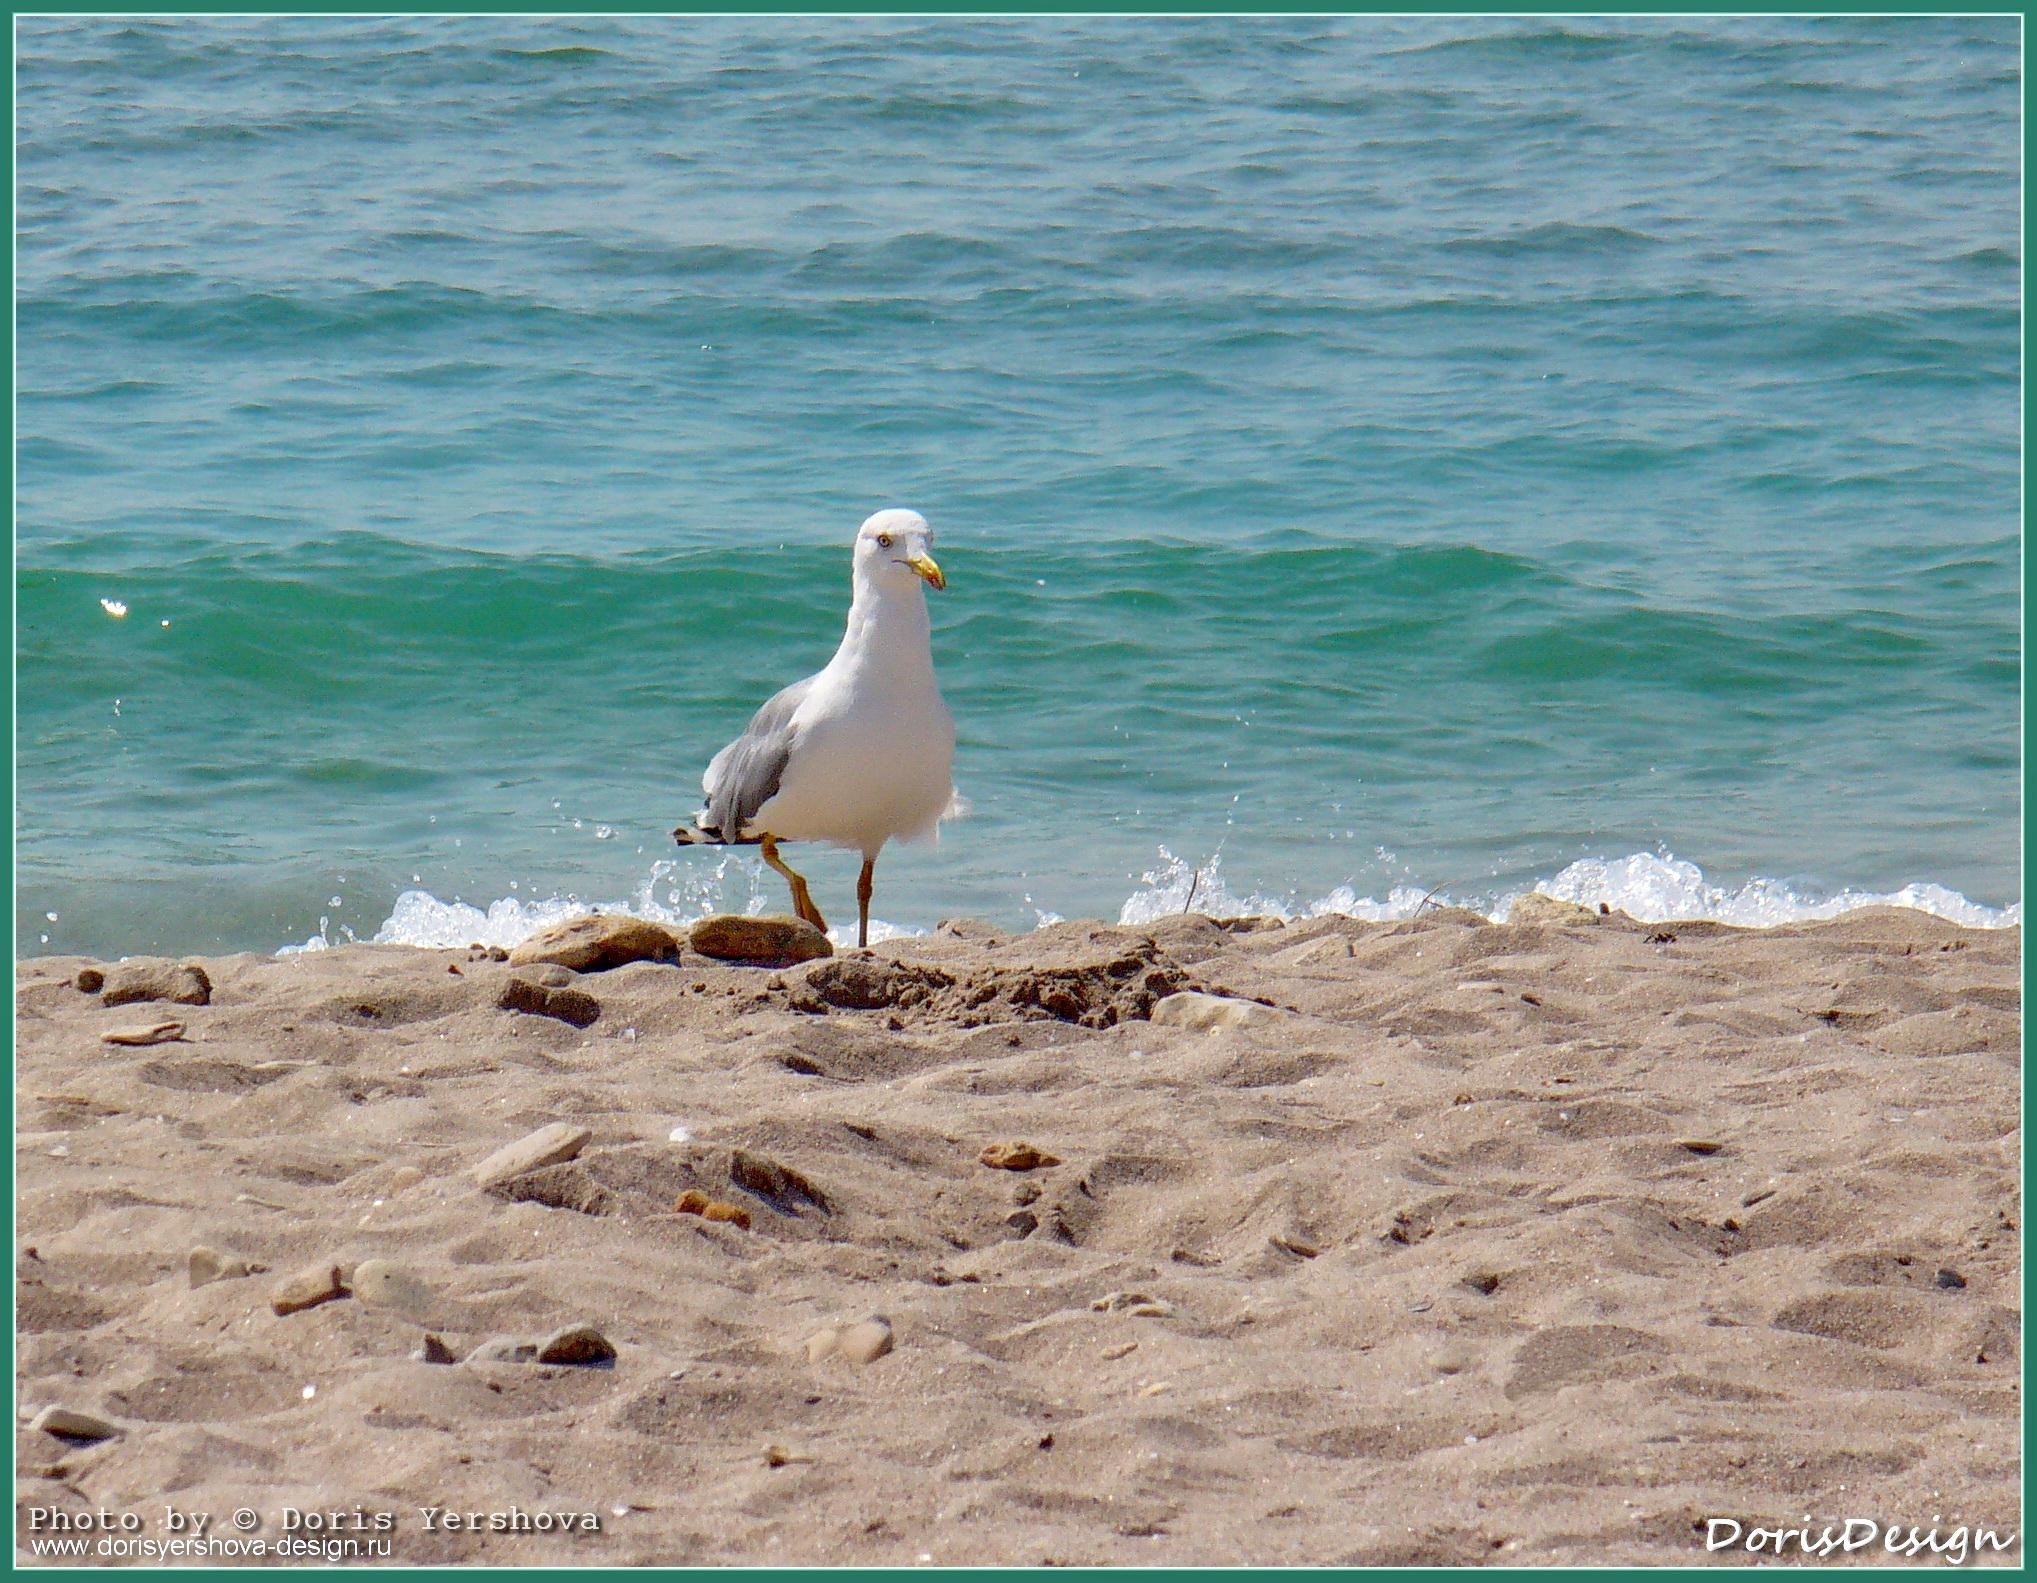 море, берег моря, Крым, чайка крупным планом на берегу моря, вода, песок, лето